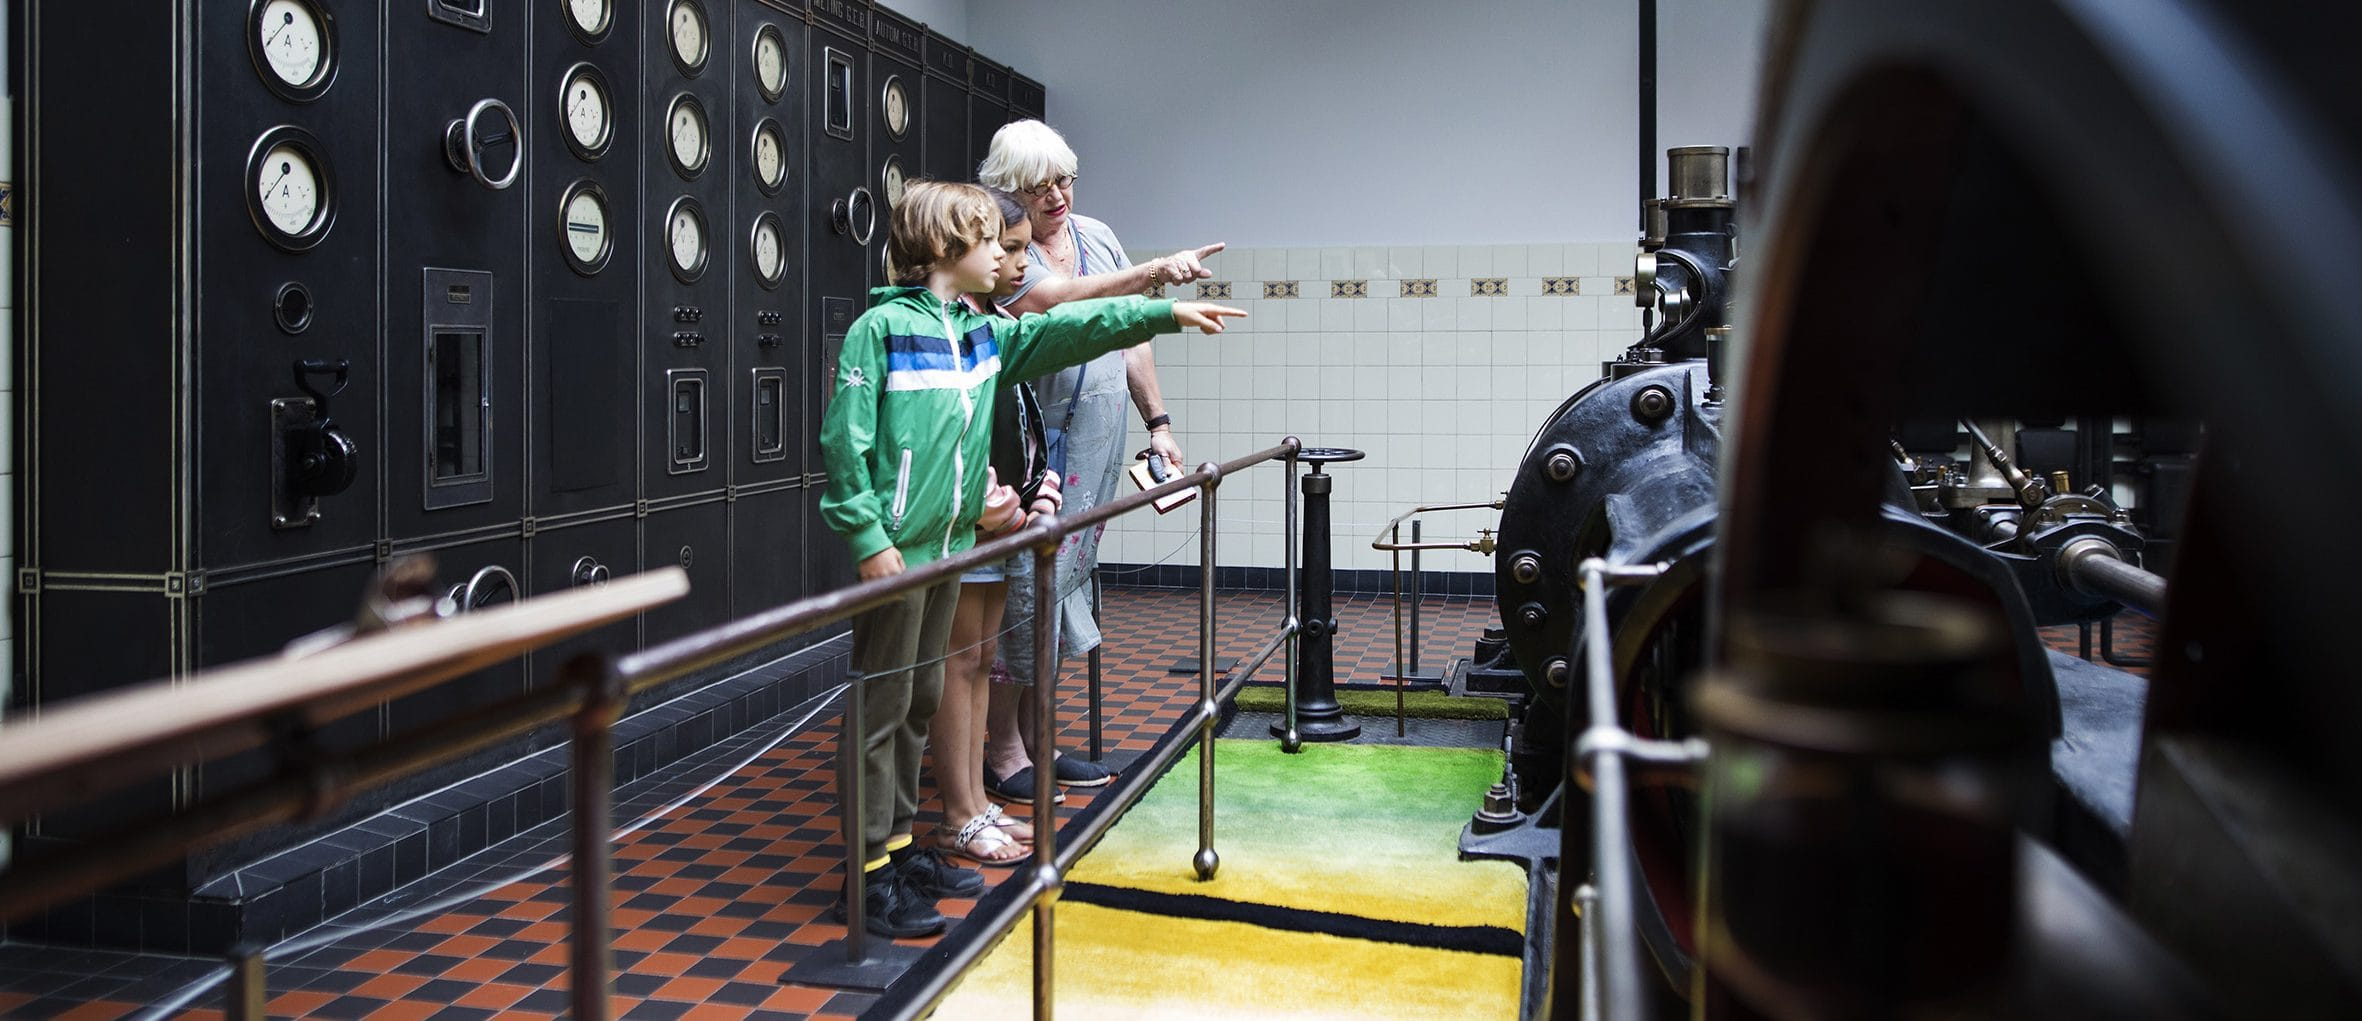 Bezoekers bij de stoommachine